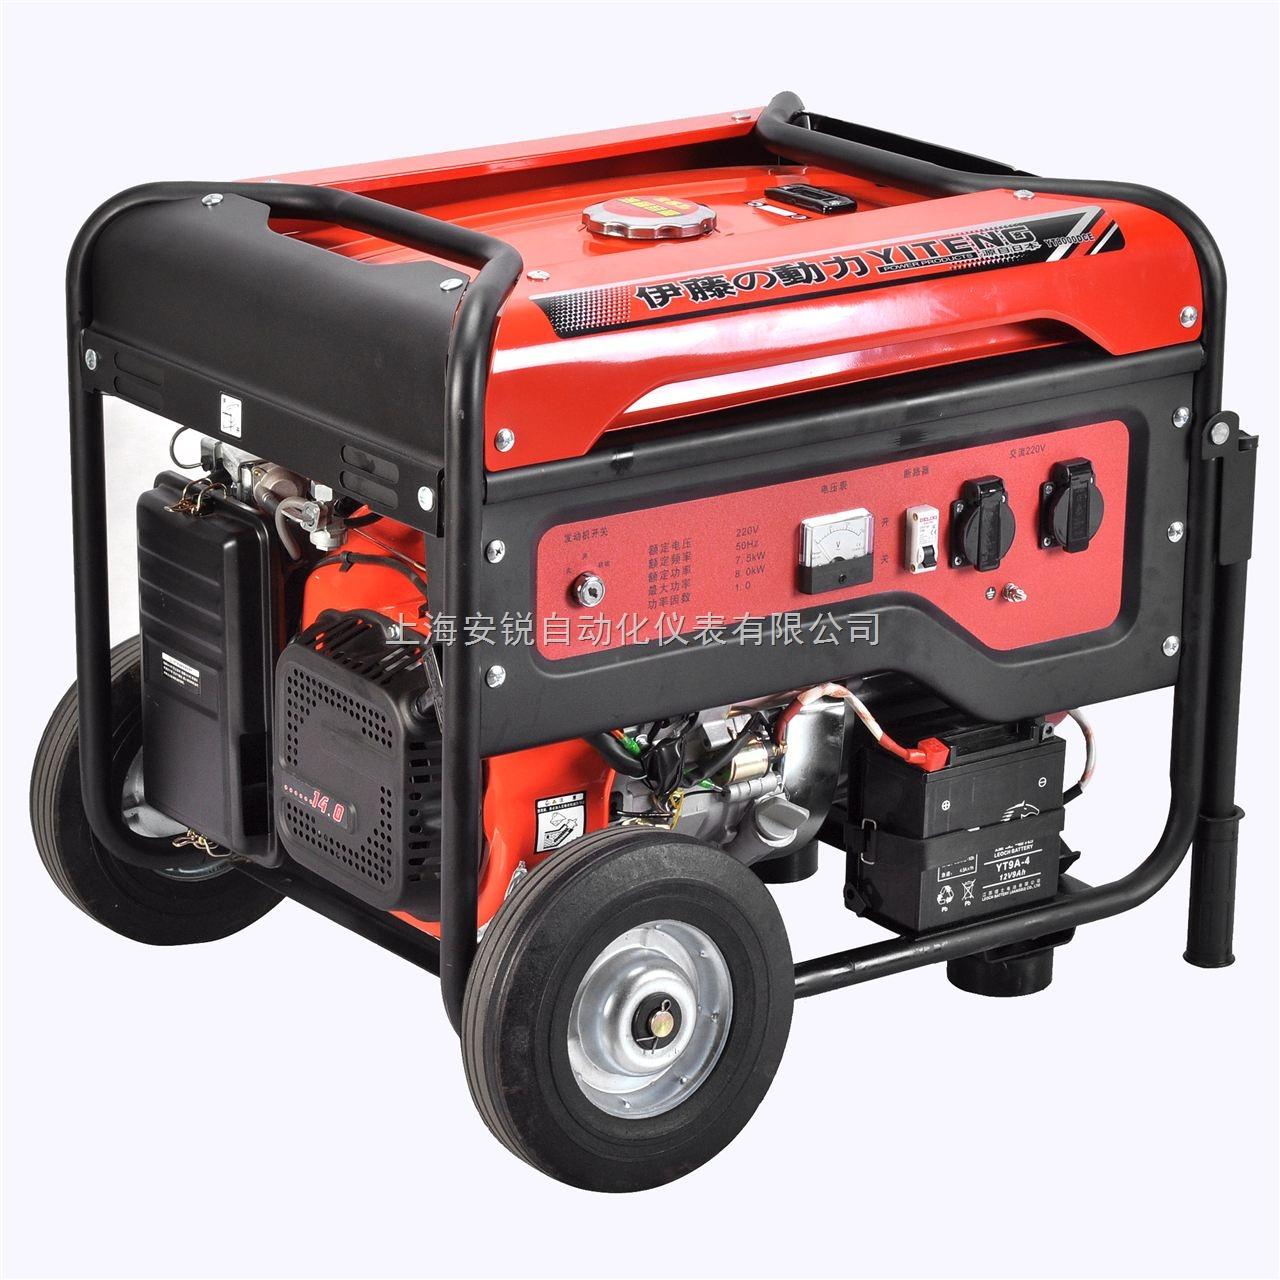 主营:汽油发电机,数码变频静音发电机,柴油发电机,自吸泵,发电电焊机